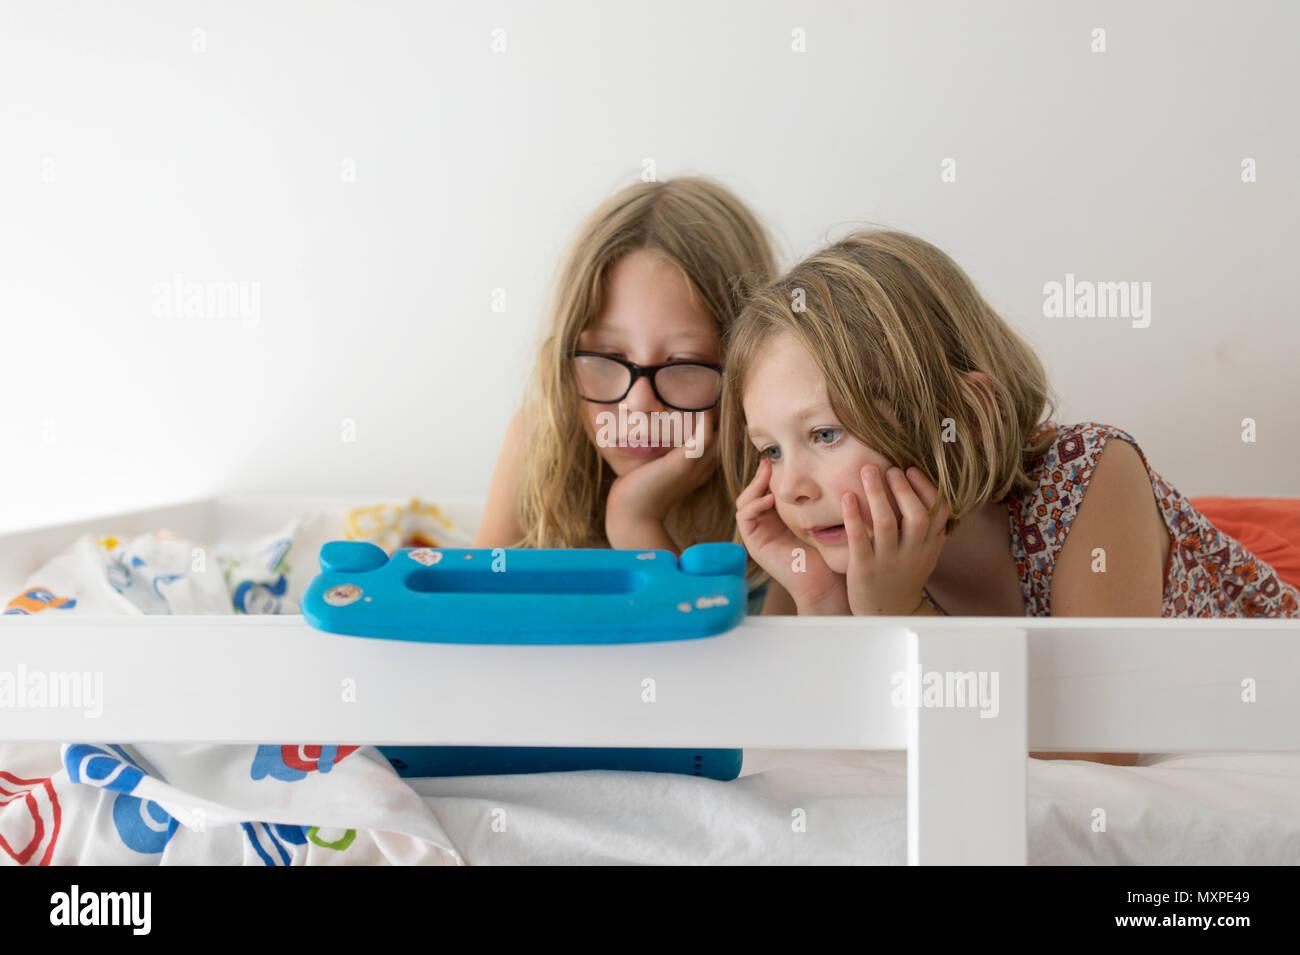 Dos niñas viendo la tableta en la litera de arriba Imagen De Stock